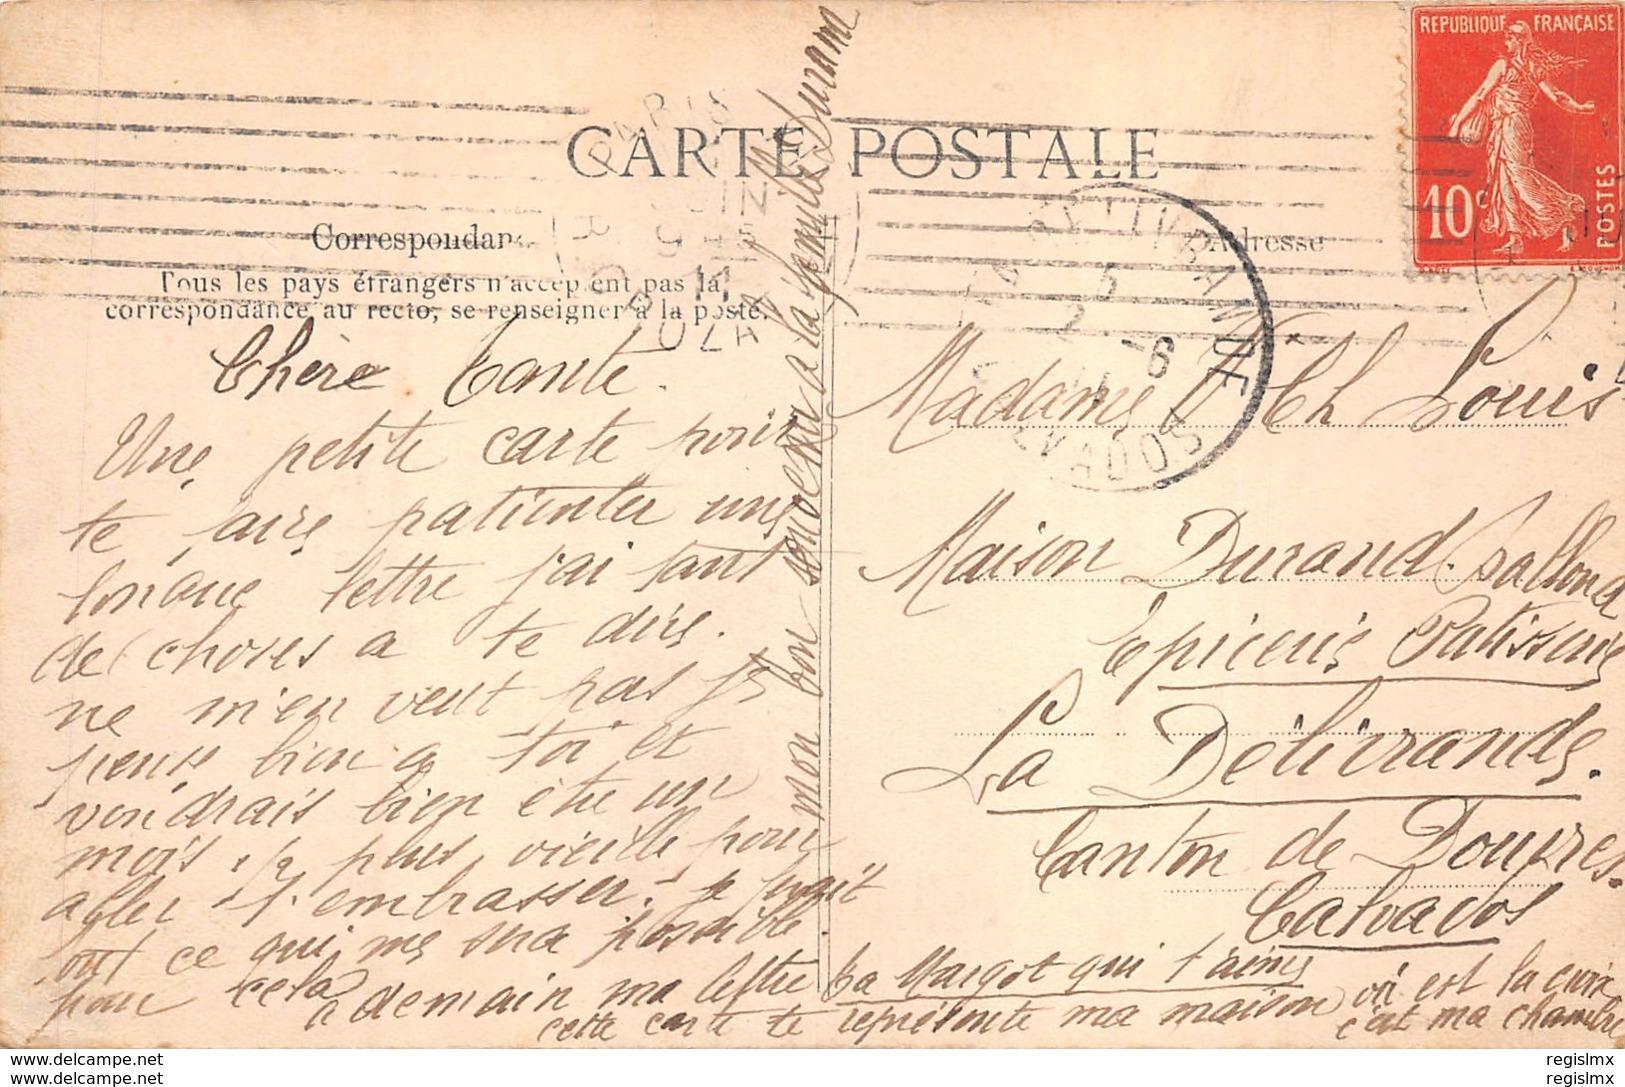 75-PARIS-RUE MICHEL BIZOT-N°2408-F/0241 - Autres